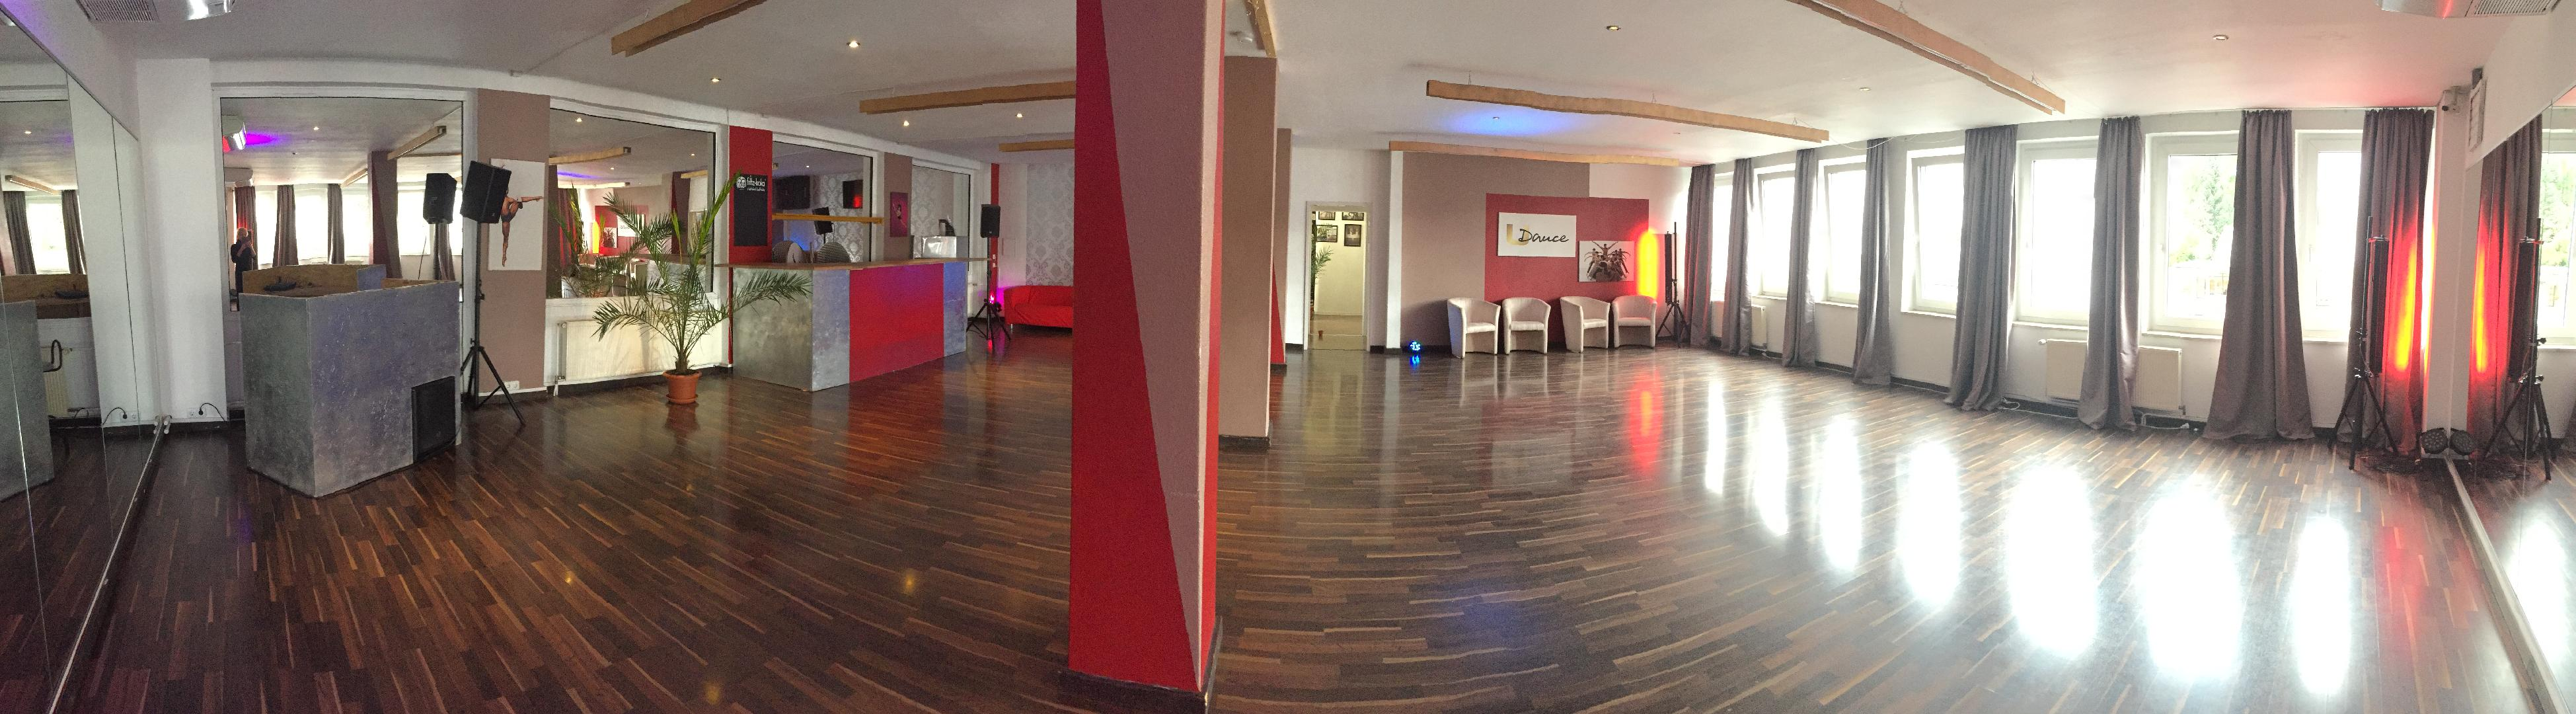 Bild 1 von Tanzraum